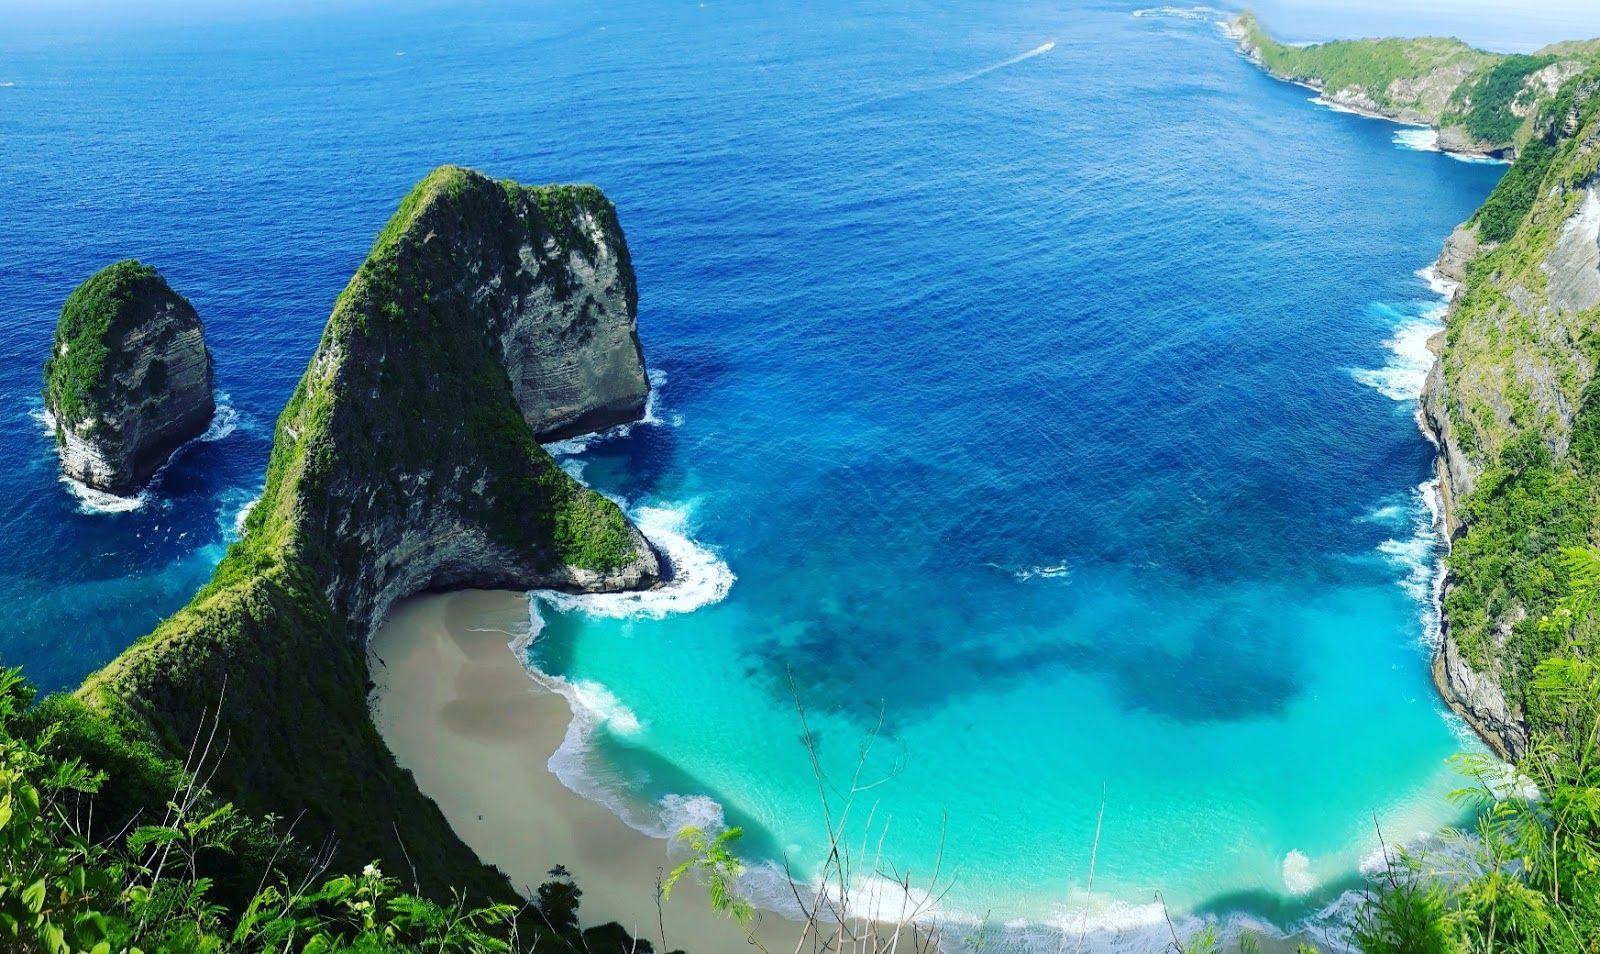 Pantai Kelingking (Kelingking Beach) Bali